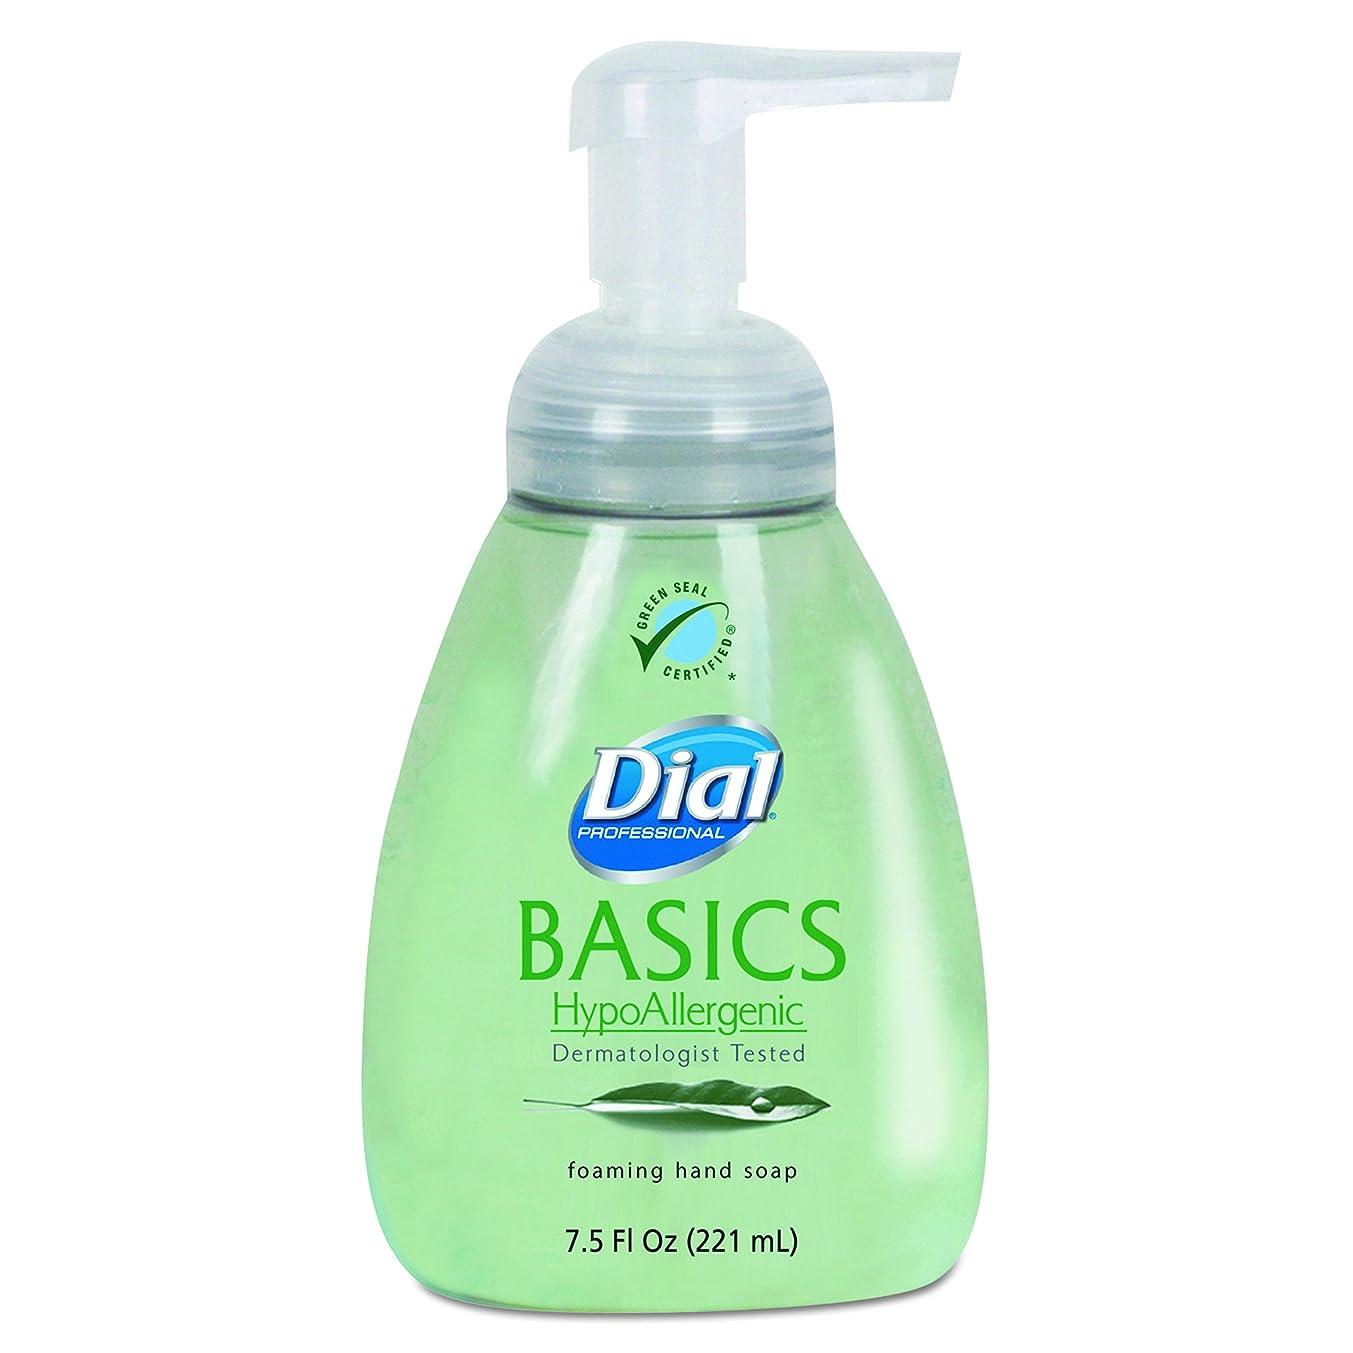 に頼る塊ベッドを作るダイヤルProfessional 6042?Basics Foaming Hand Soap、7.5?Oz、Honeysuckle